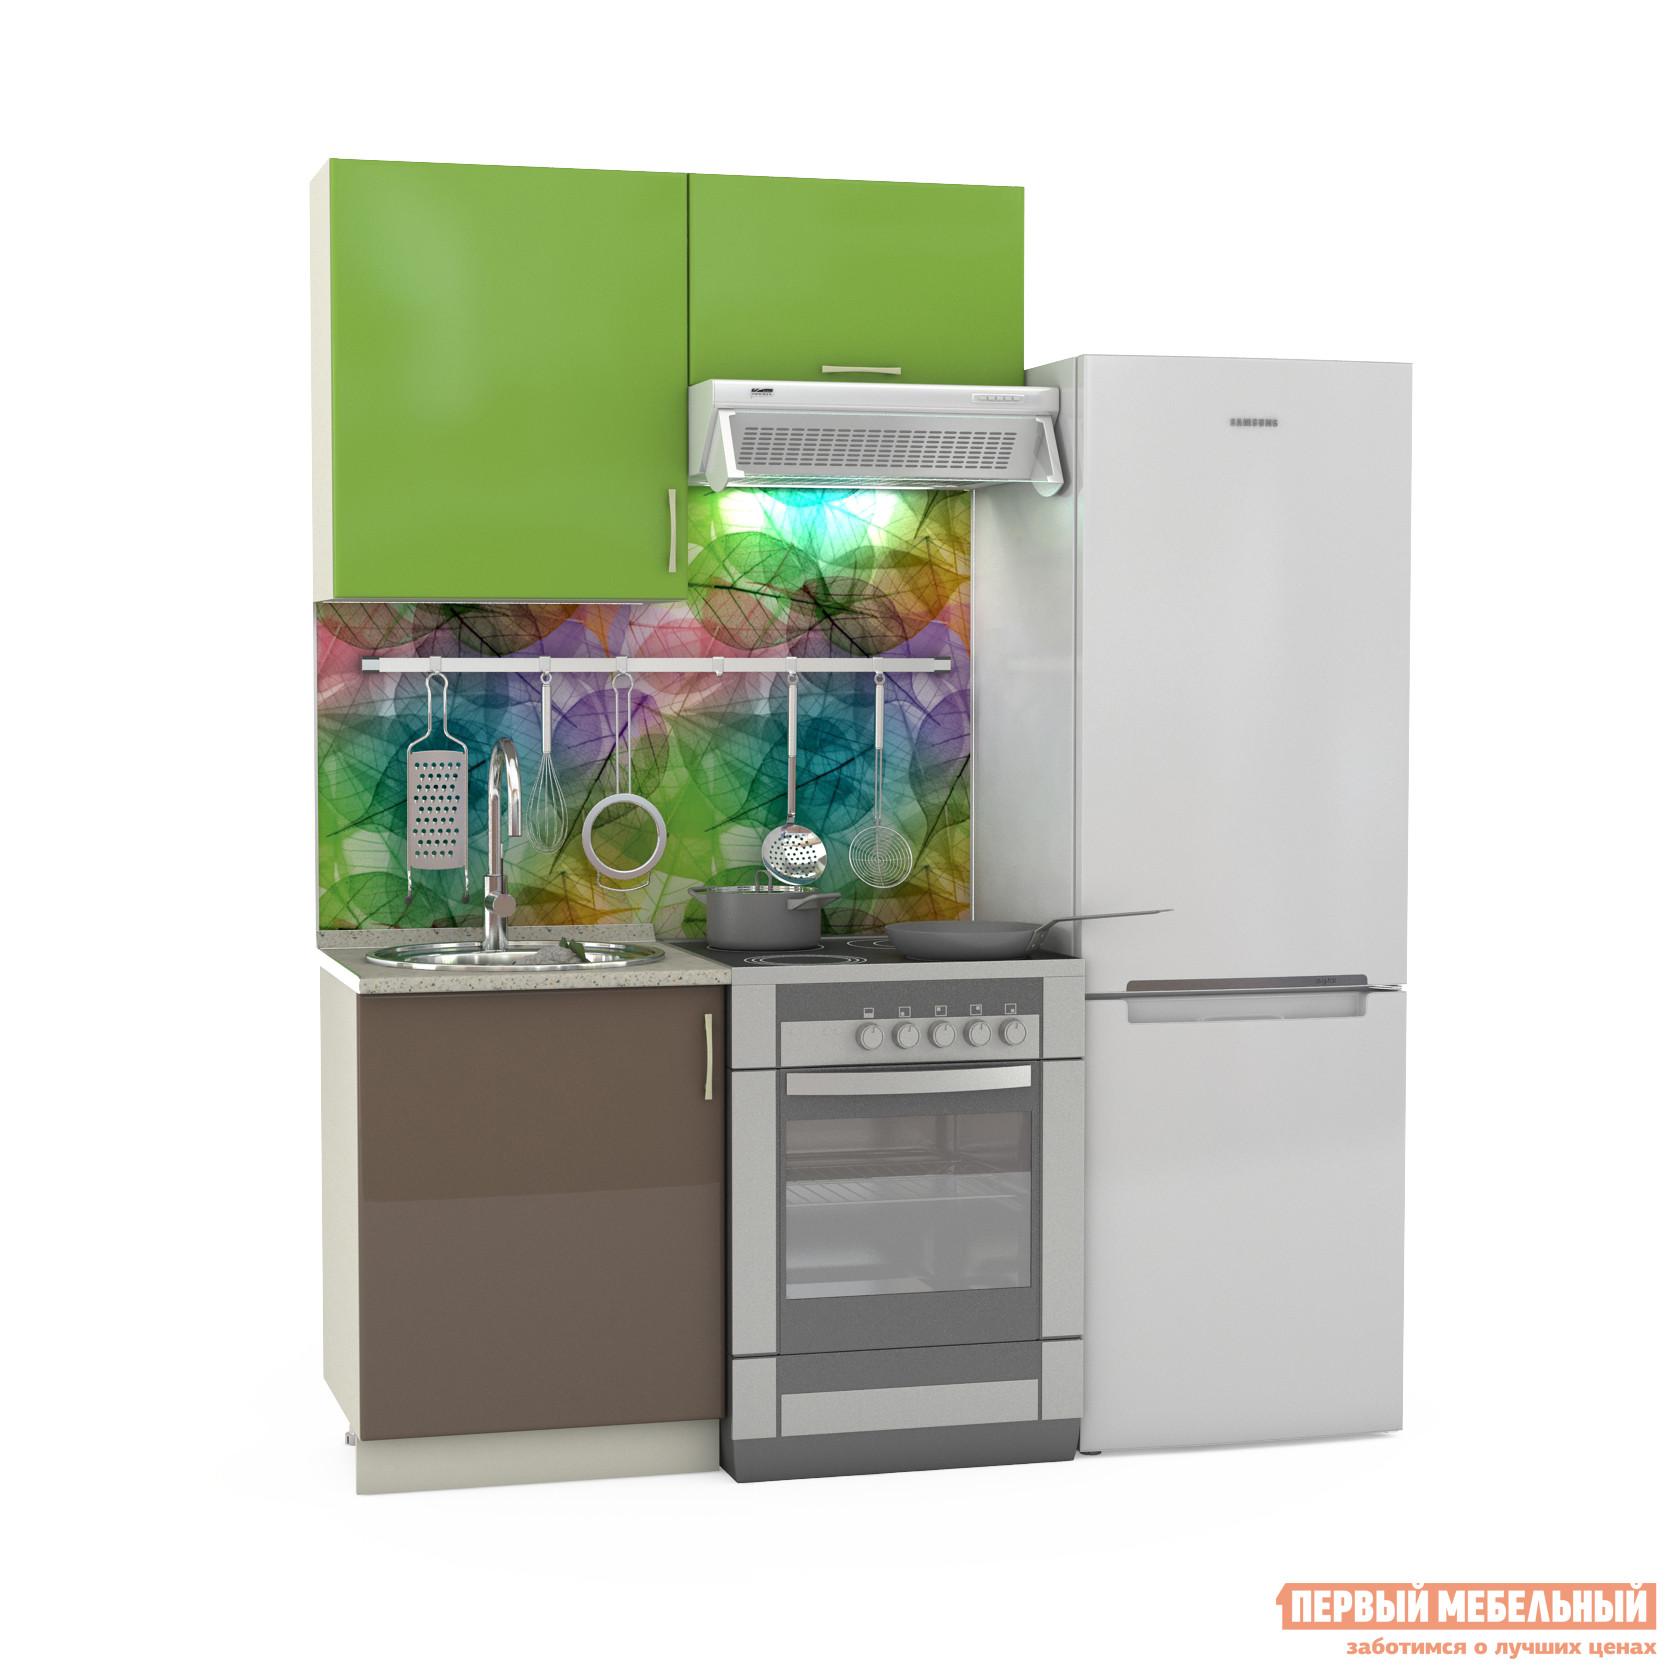 Кухонный гарнитур Бит и Байт Сандра-2 120 см кухонный гарнитур трия стелла 120 см